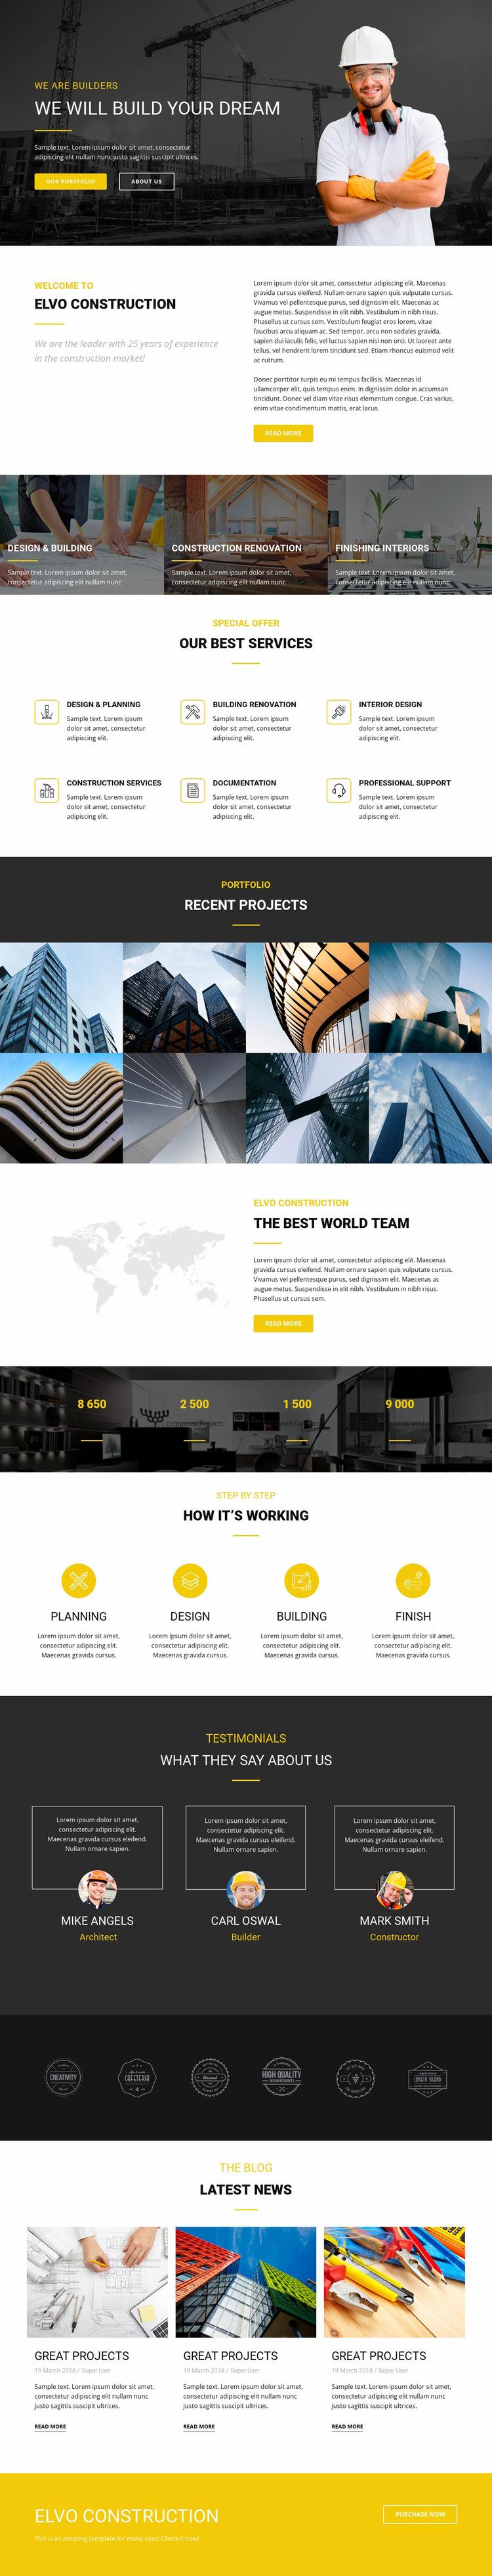 Build your dream industrial Website Builder